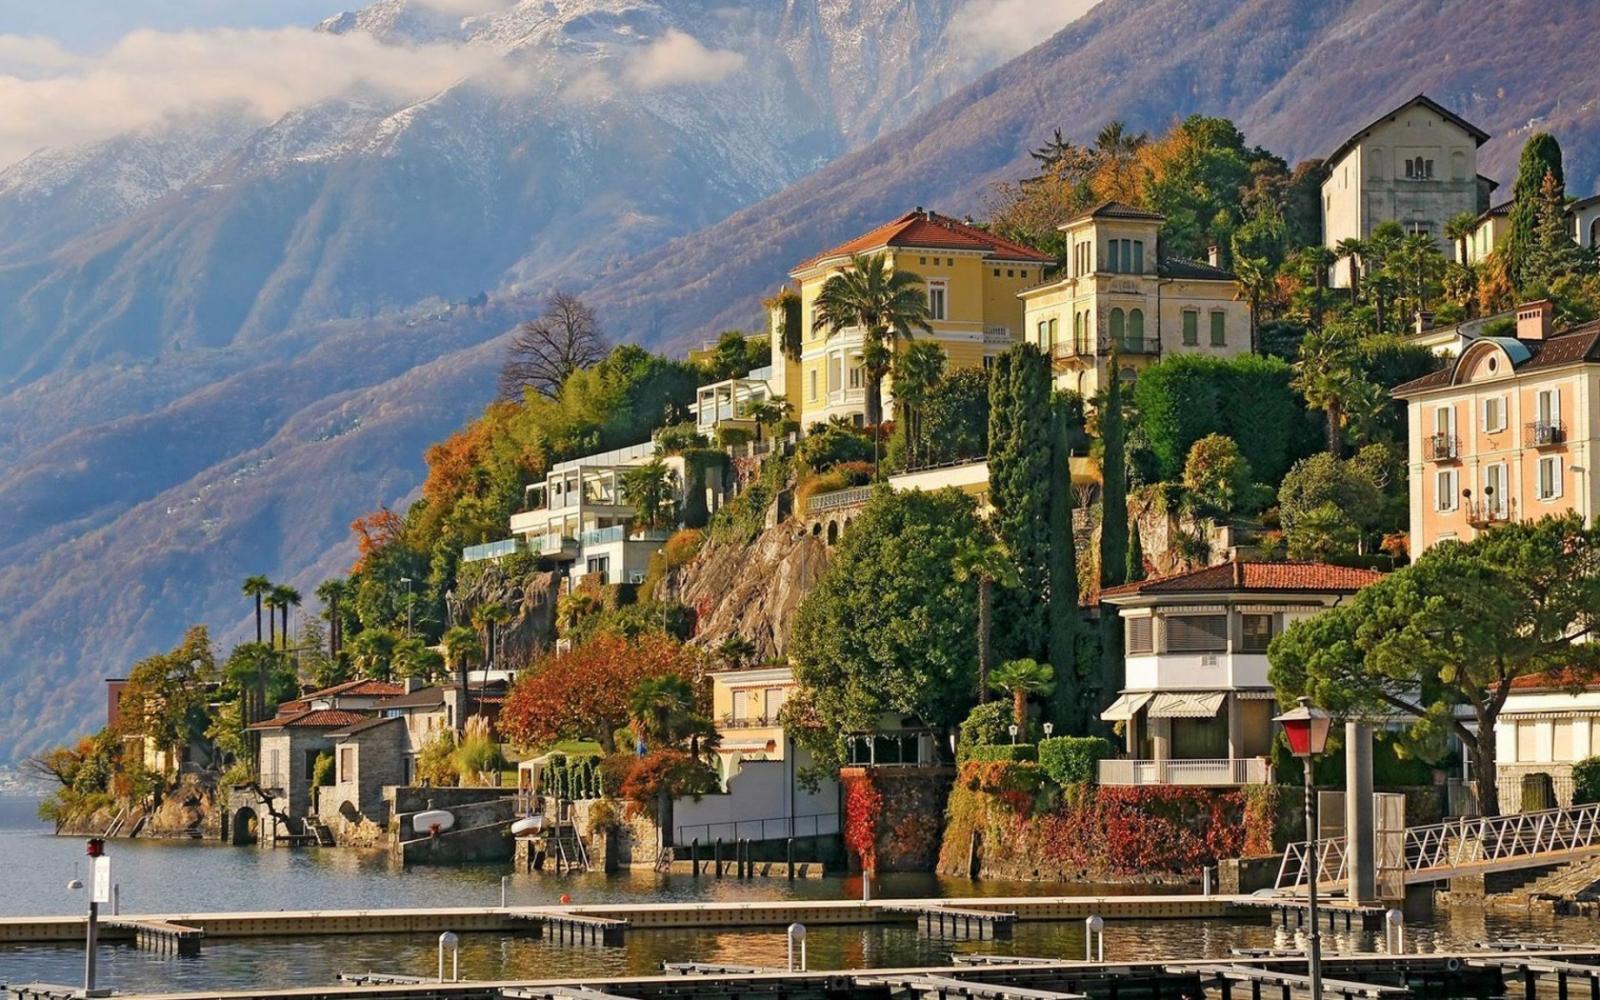 Điểm đến du lịch Thụy Sĩ tới thành phố Lugano